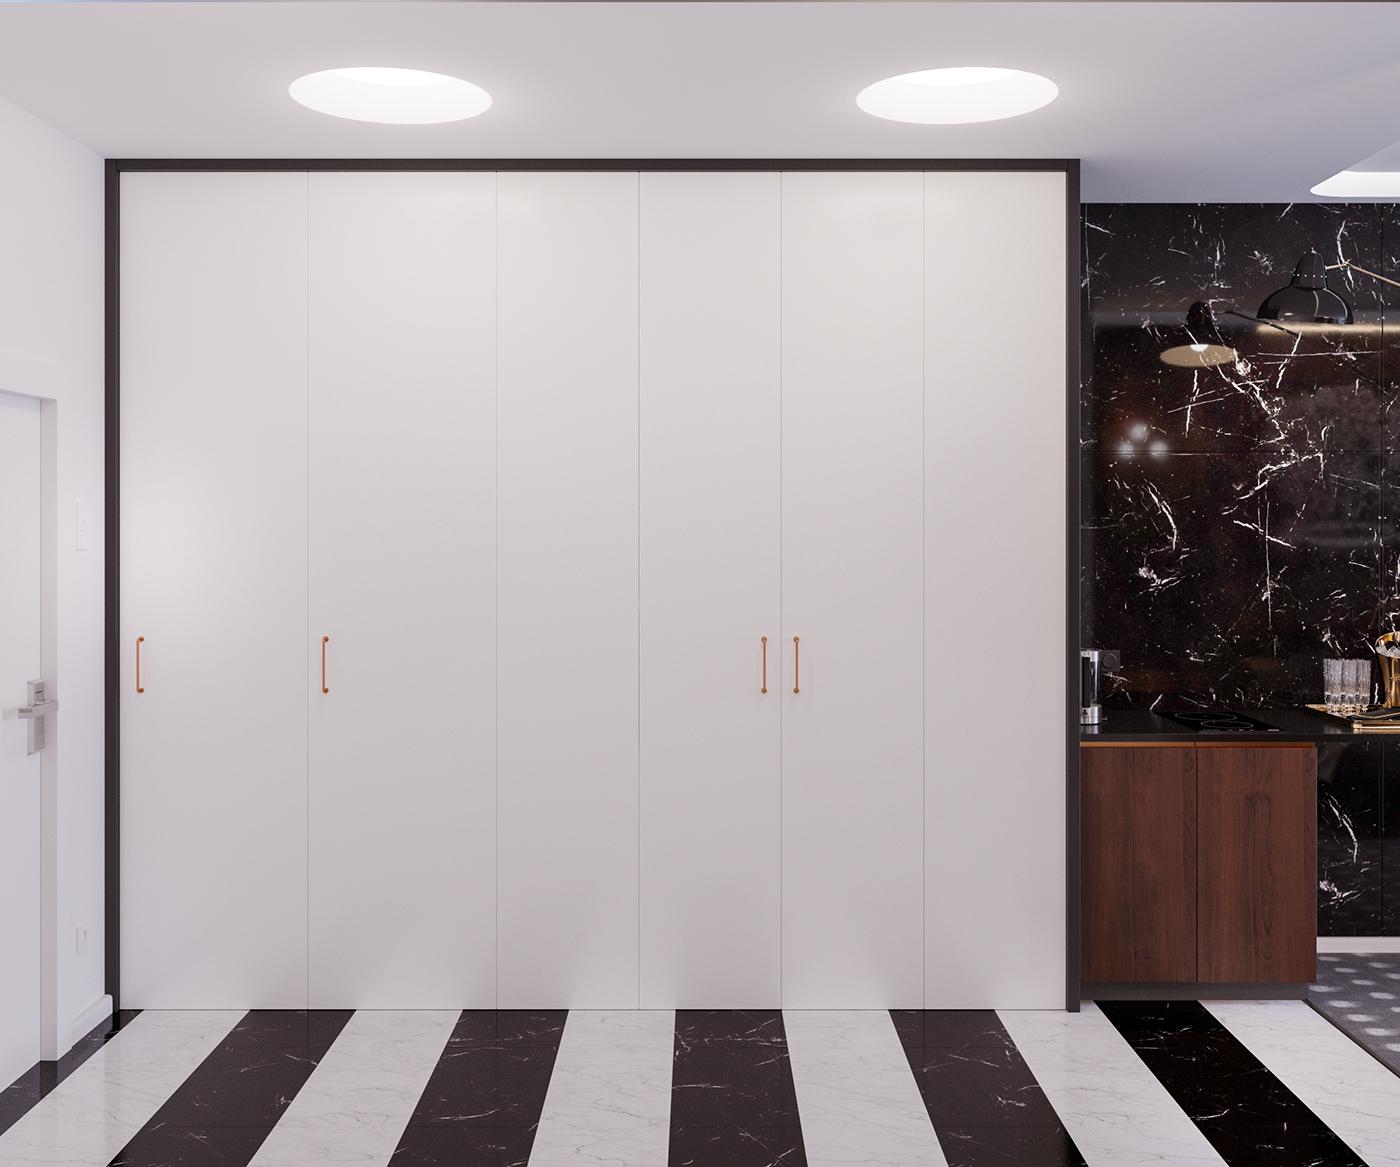 Роскошная квартира Роскошная квартира Роскошная квартира от дизайнера Ольги Ермолиной 2bc2fd34905039